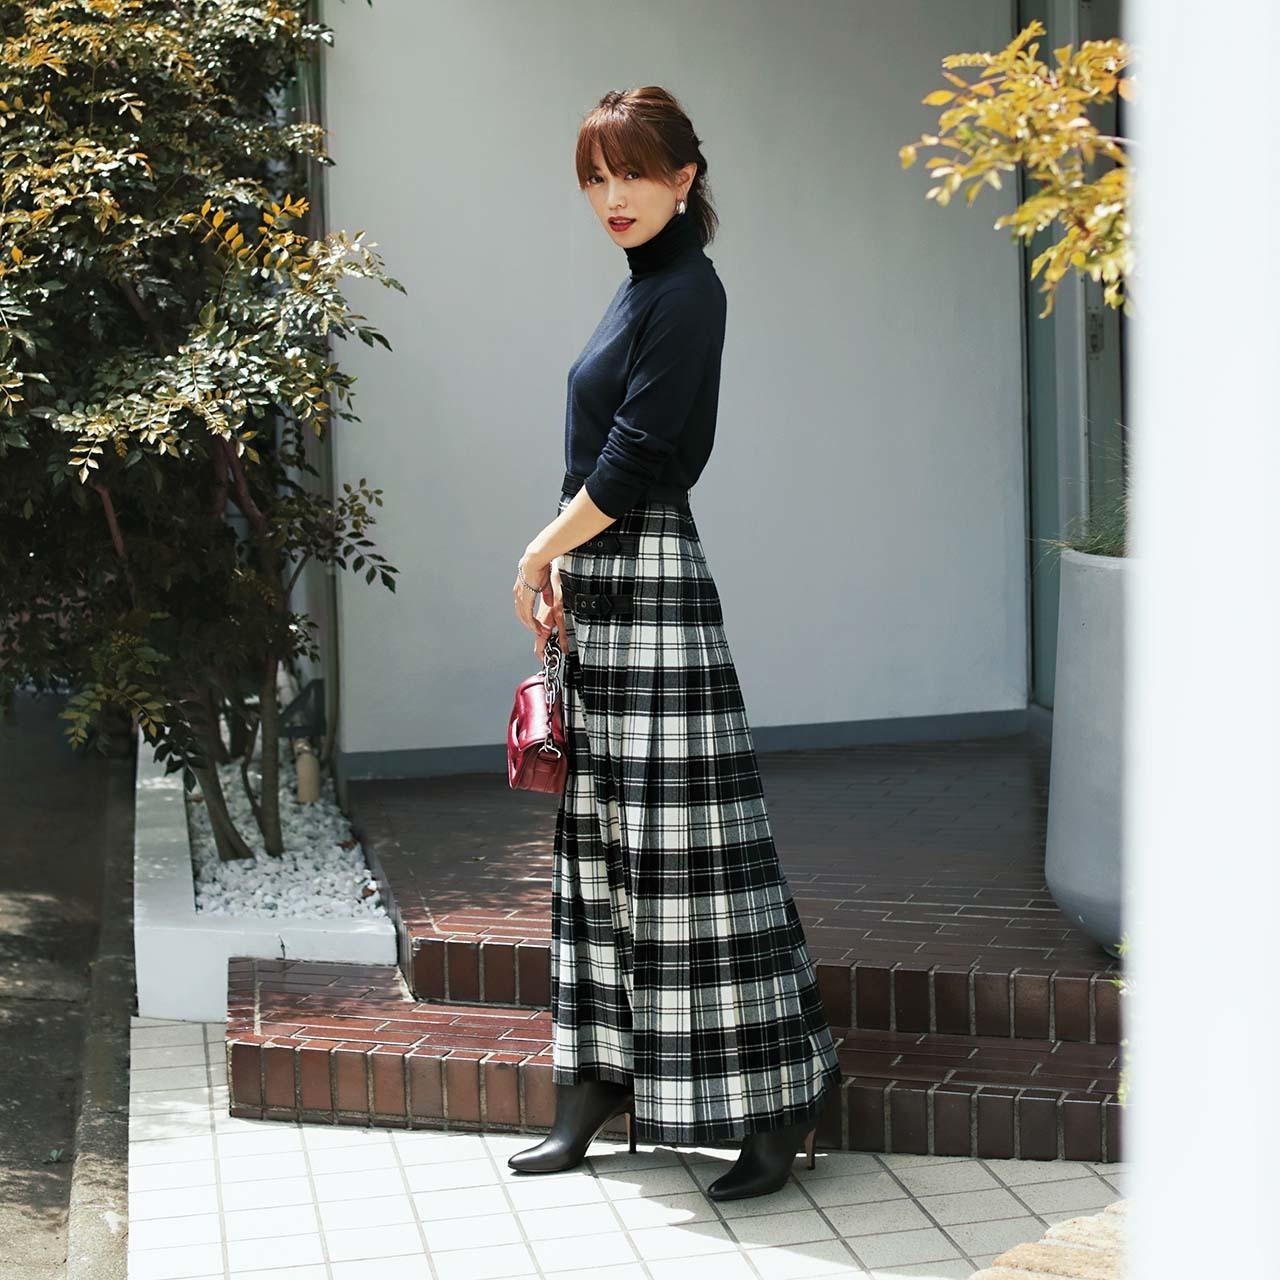 黒ニット×チェック柄スカートのファッションコーデ